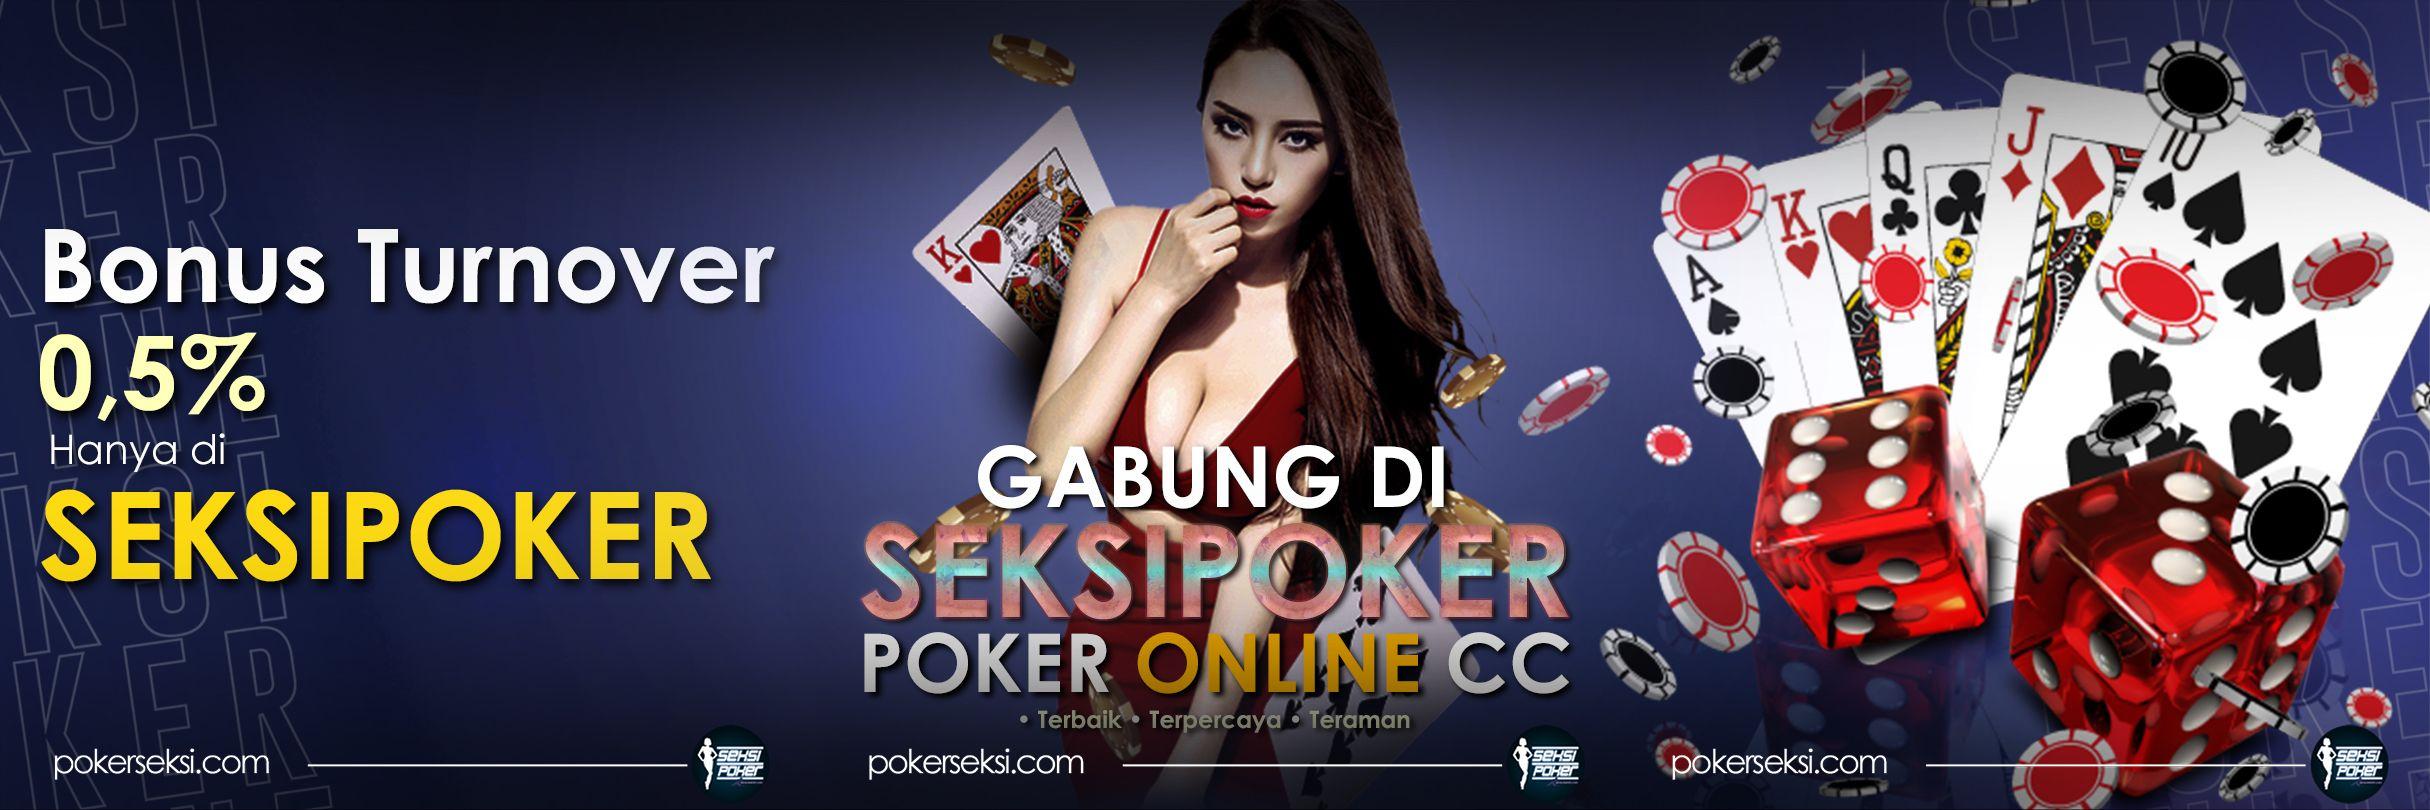 Poker Online CC Seksipoker Banner IDN Poker Terbaik dan